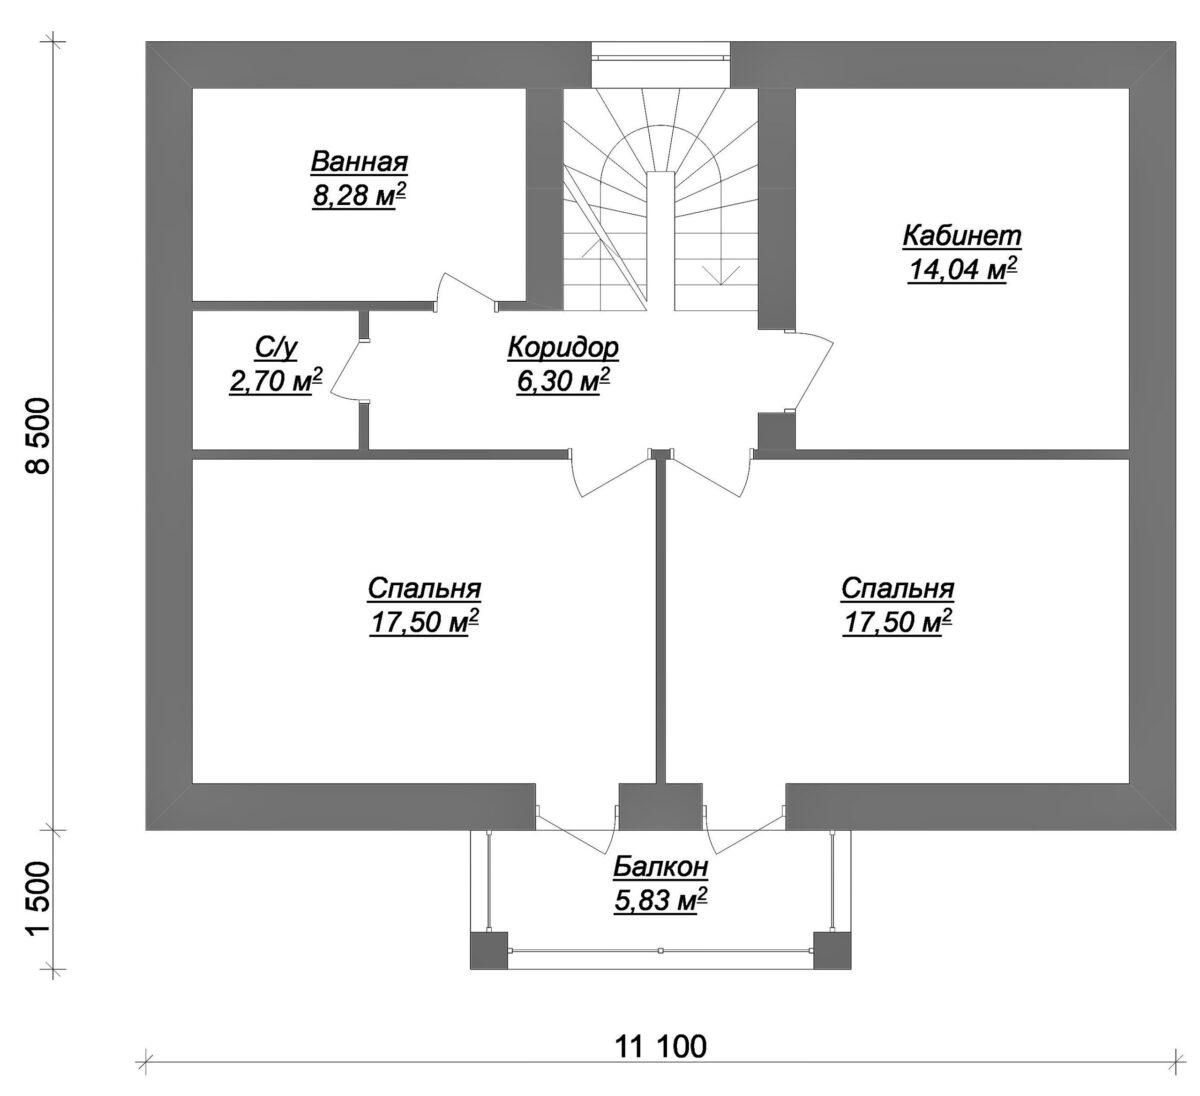 Вершина B-047. Проект одноэтажного мансардного дома на две спальни + кабинет, с сауной